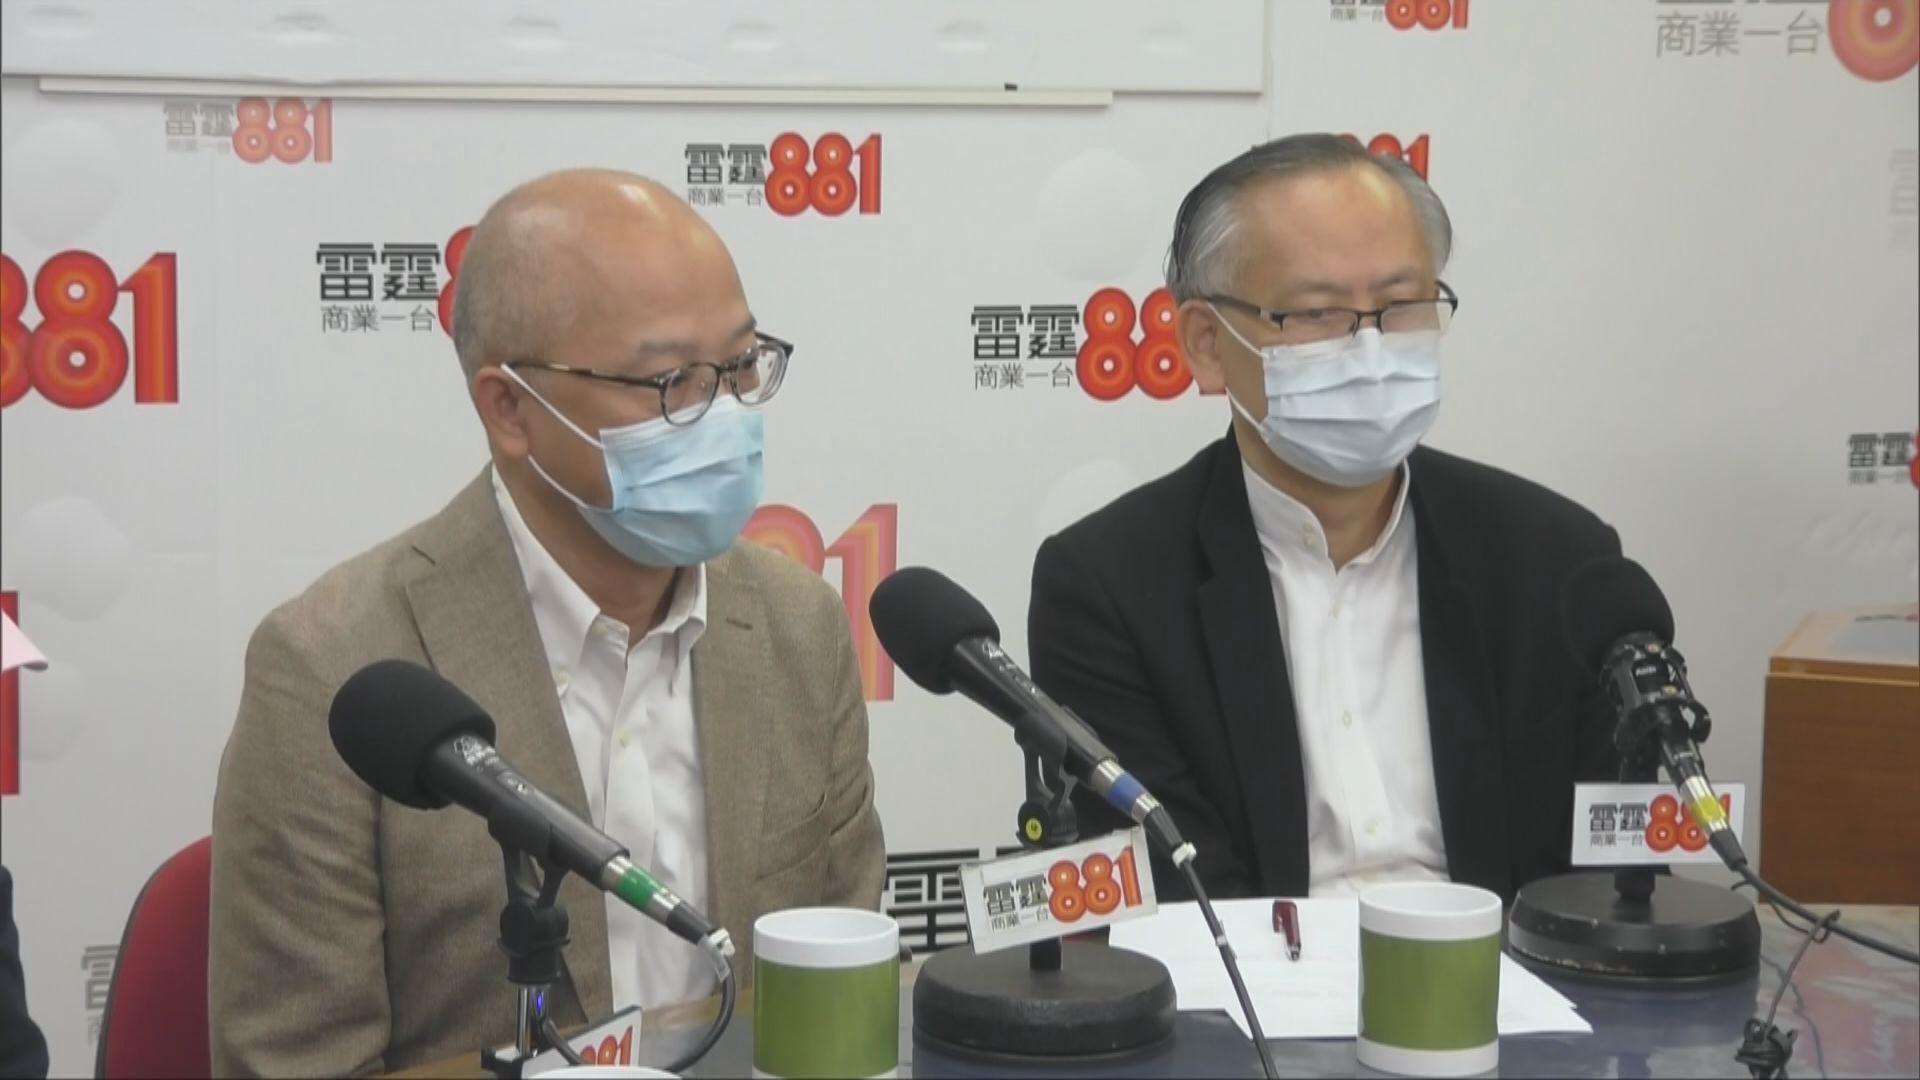 醫管局:公立醫院醫護至今零感染反映防疫做得好